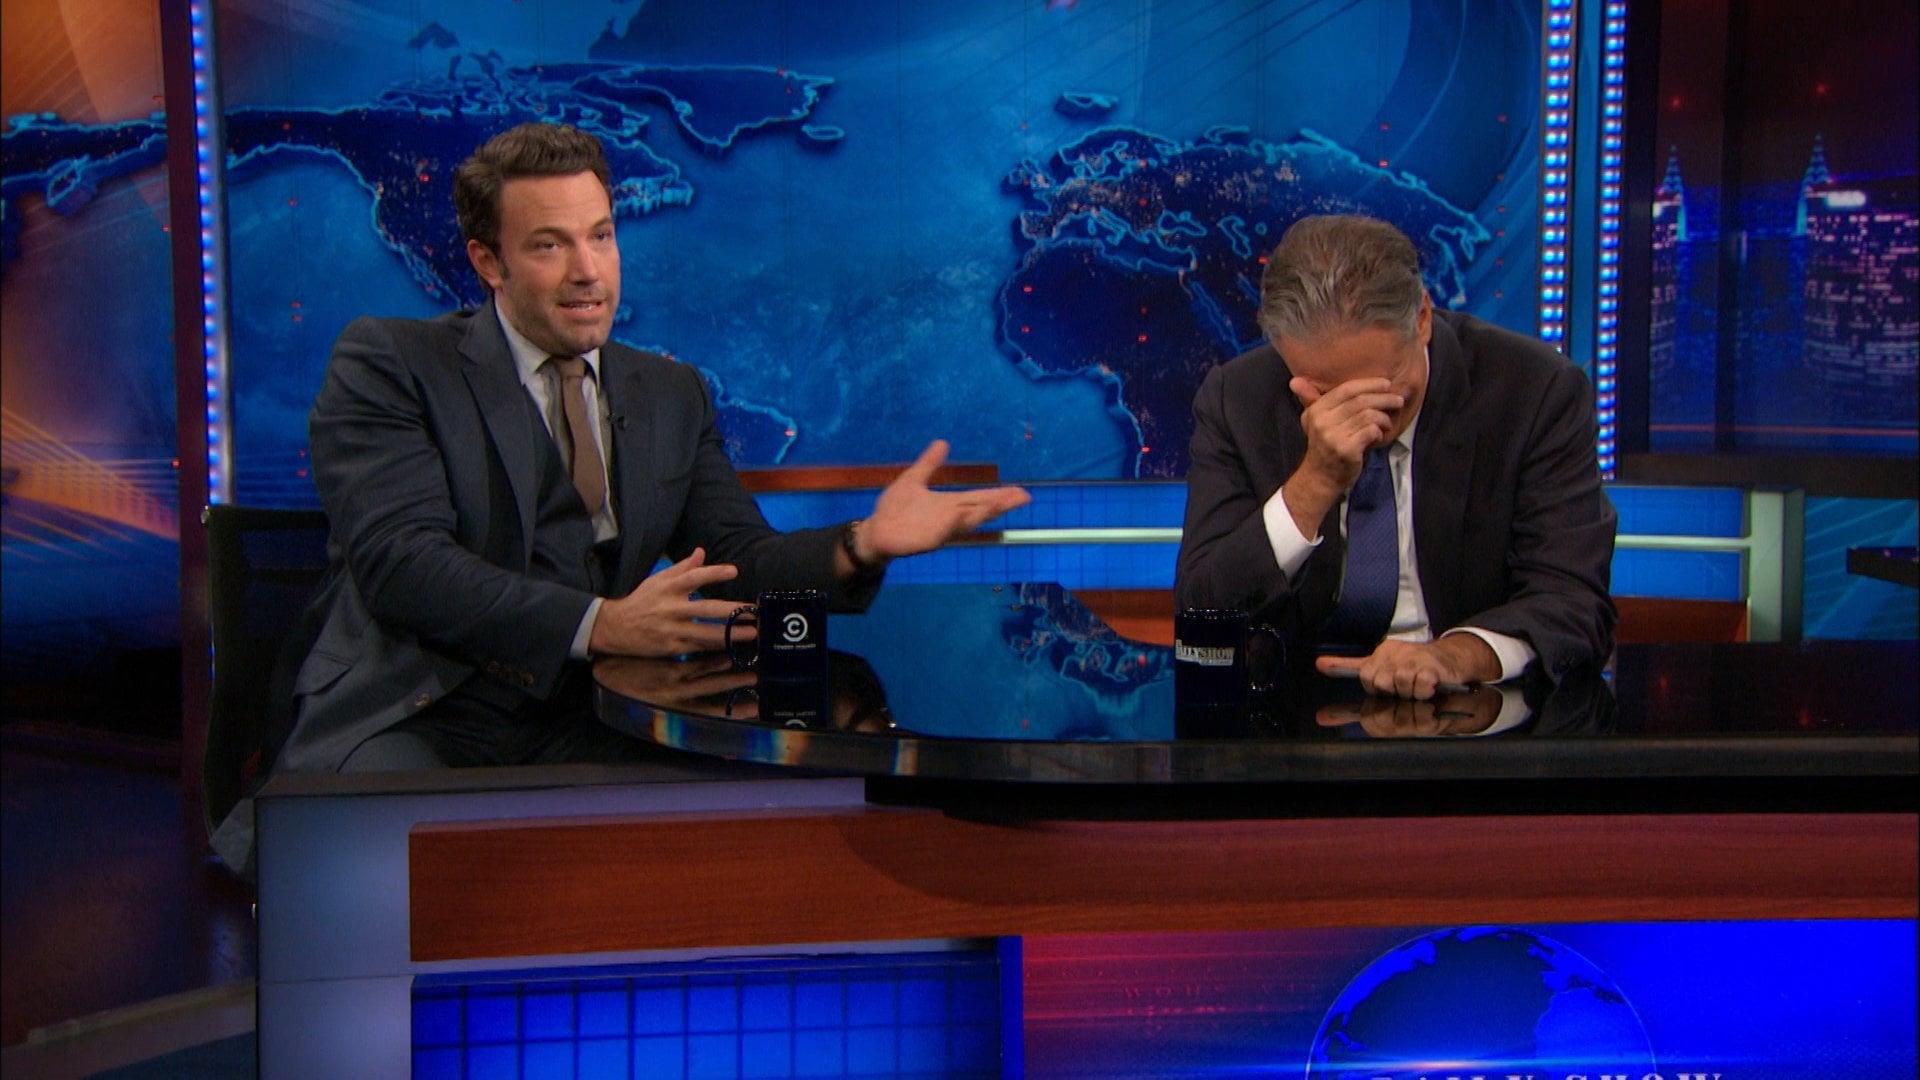 The Daily Show with Trevor Noah Season 20 :Episode 2  Ben Affleck